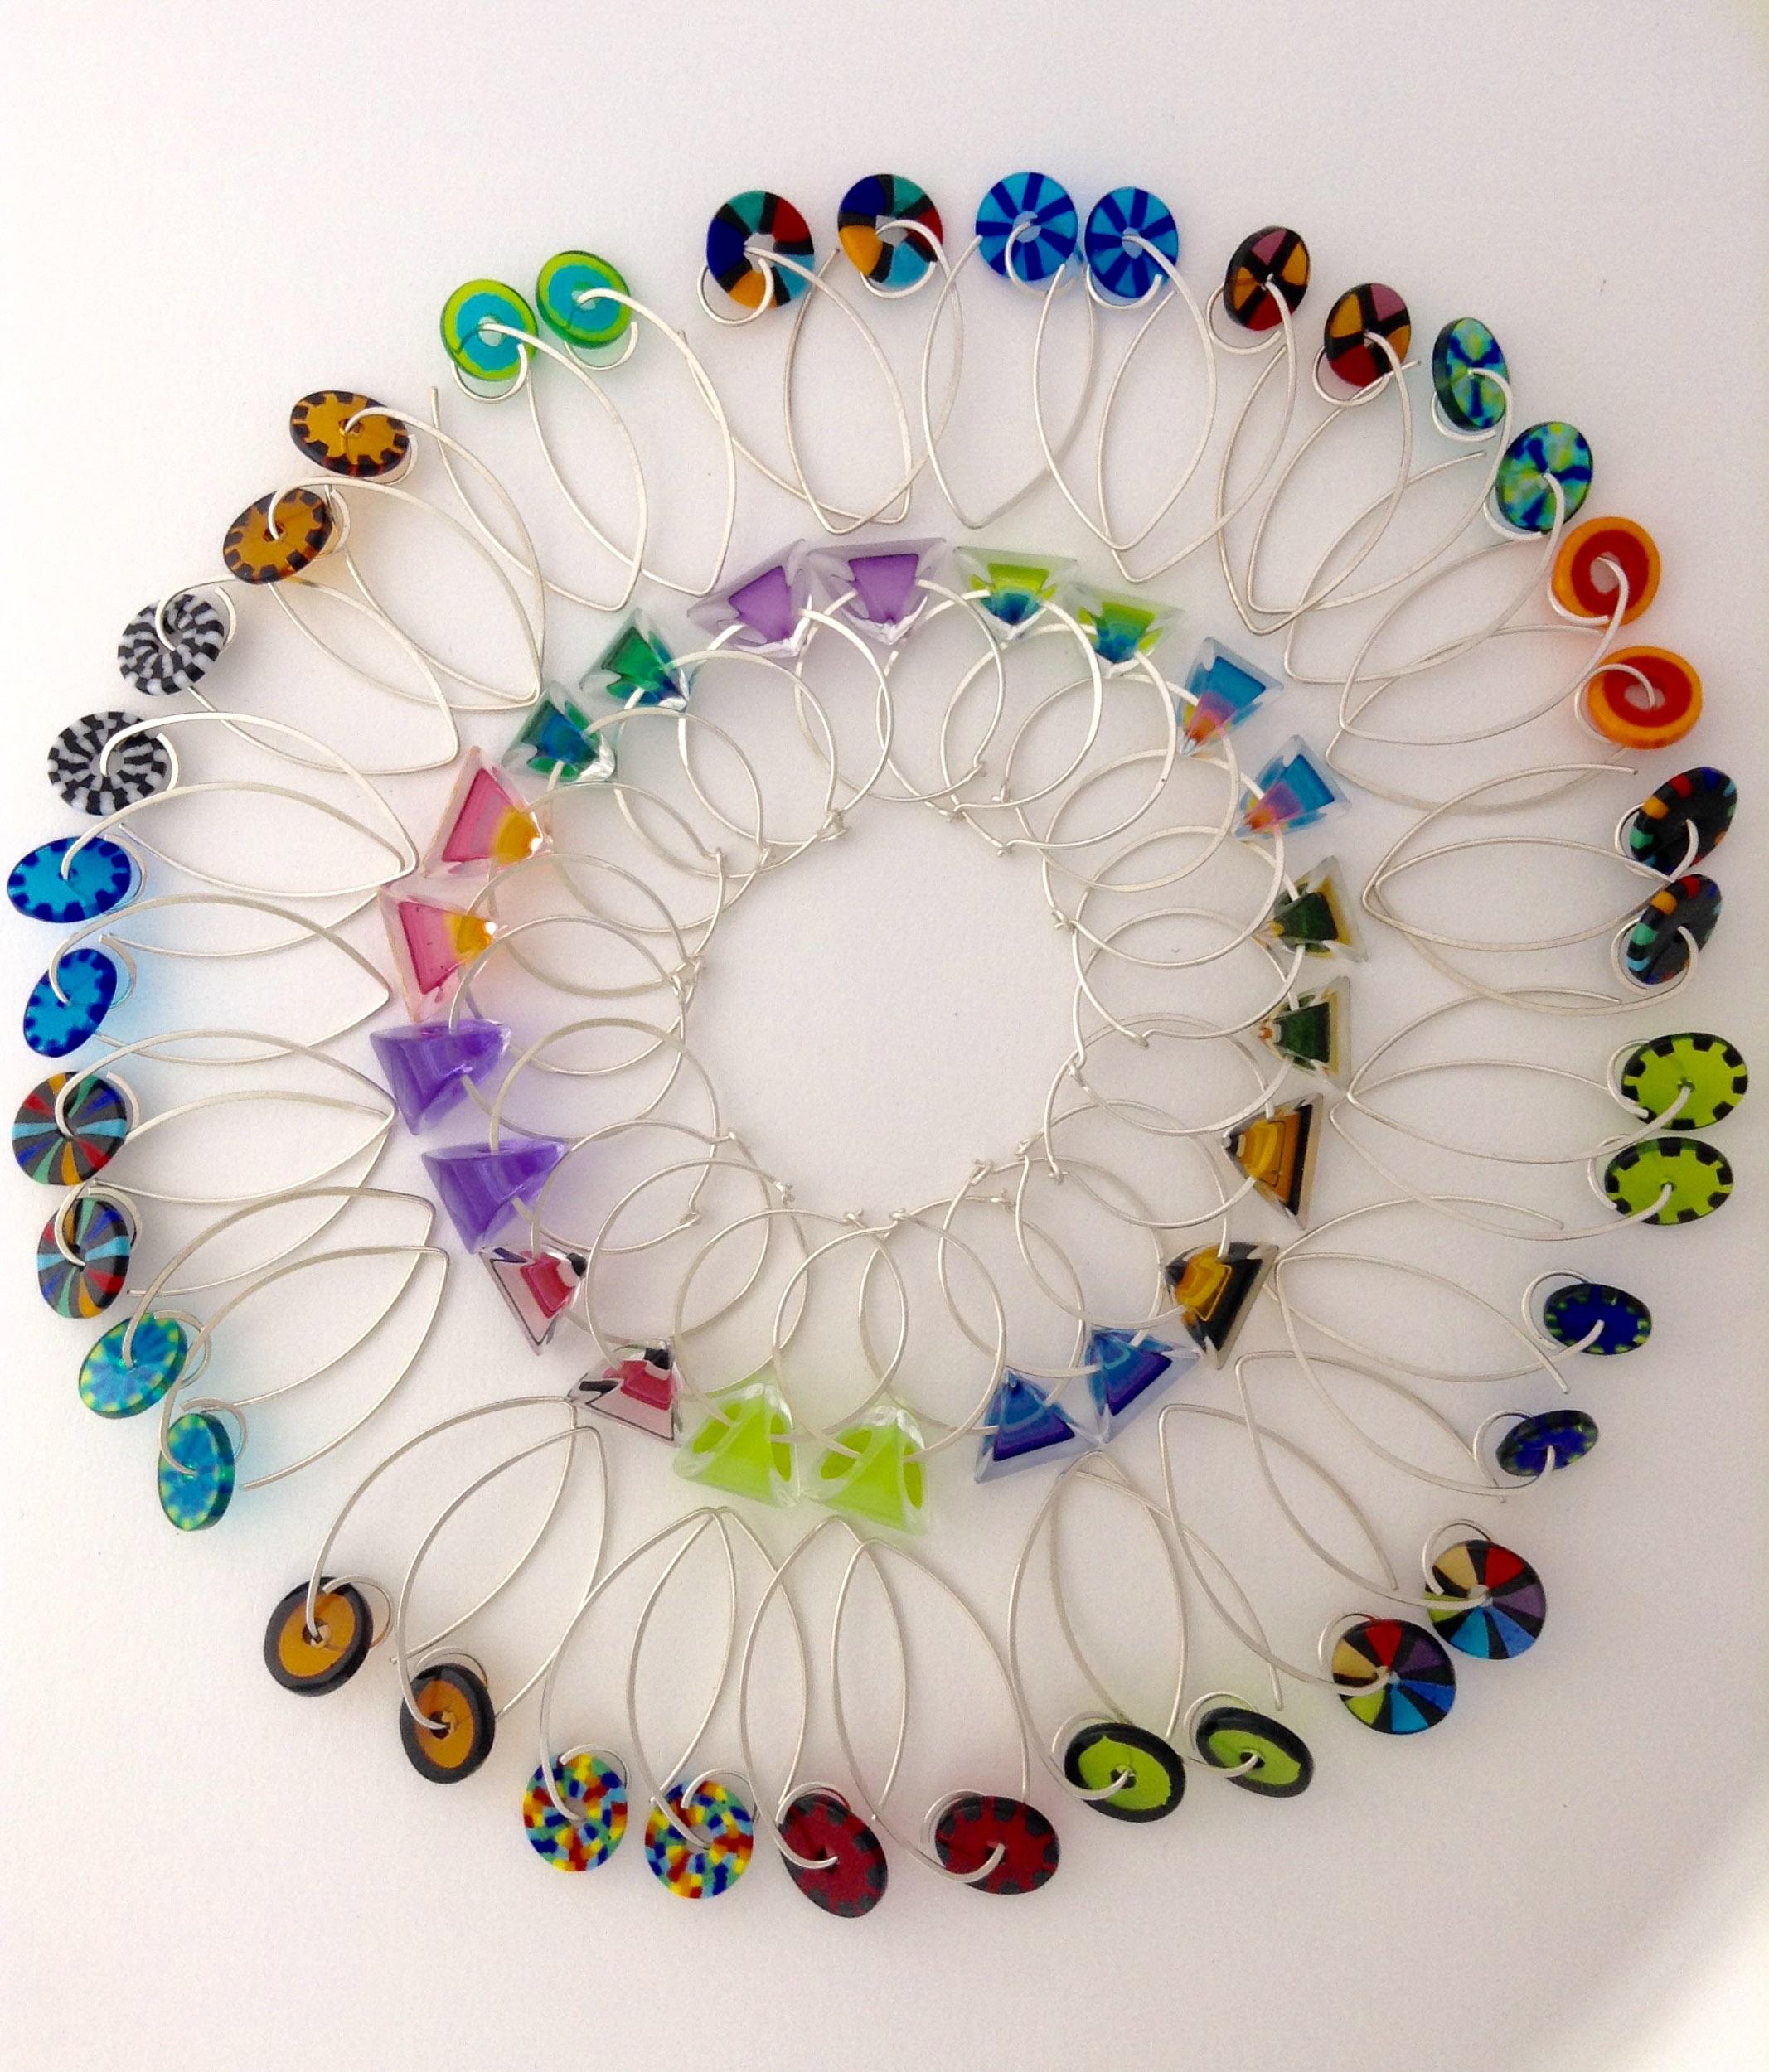 Olive-Glass_Italian-Art-Glass_Corrie-Haight_Lark-Dalton-20170324.jpg